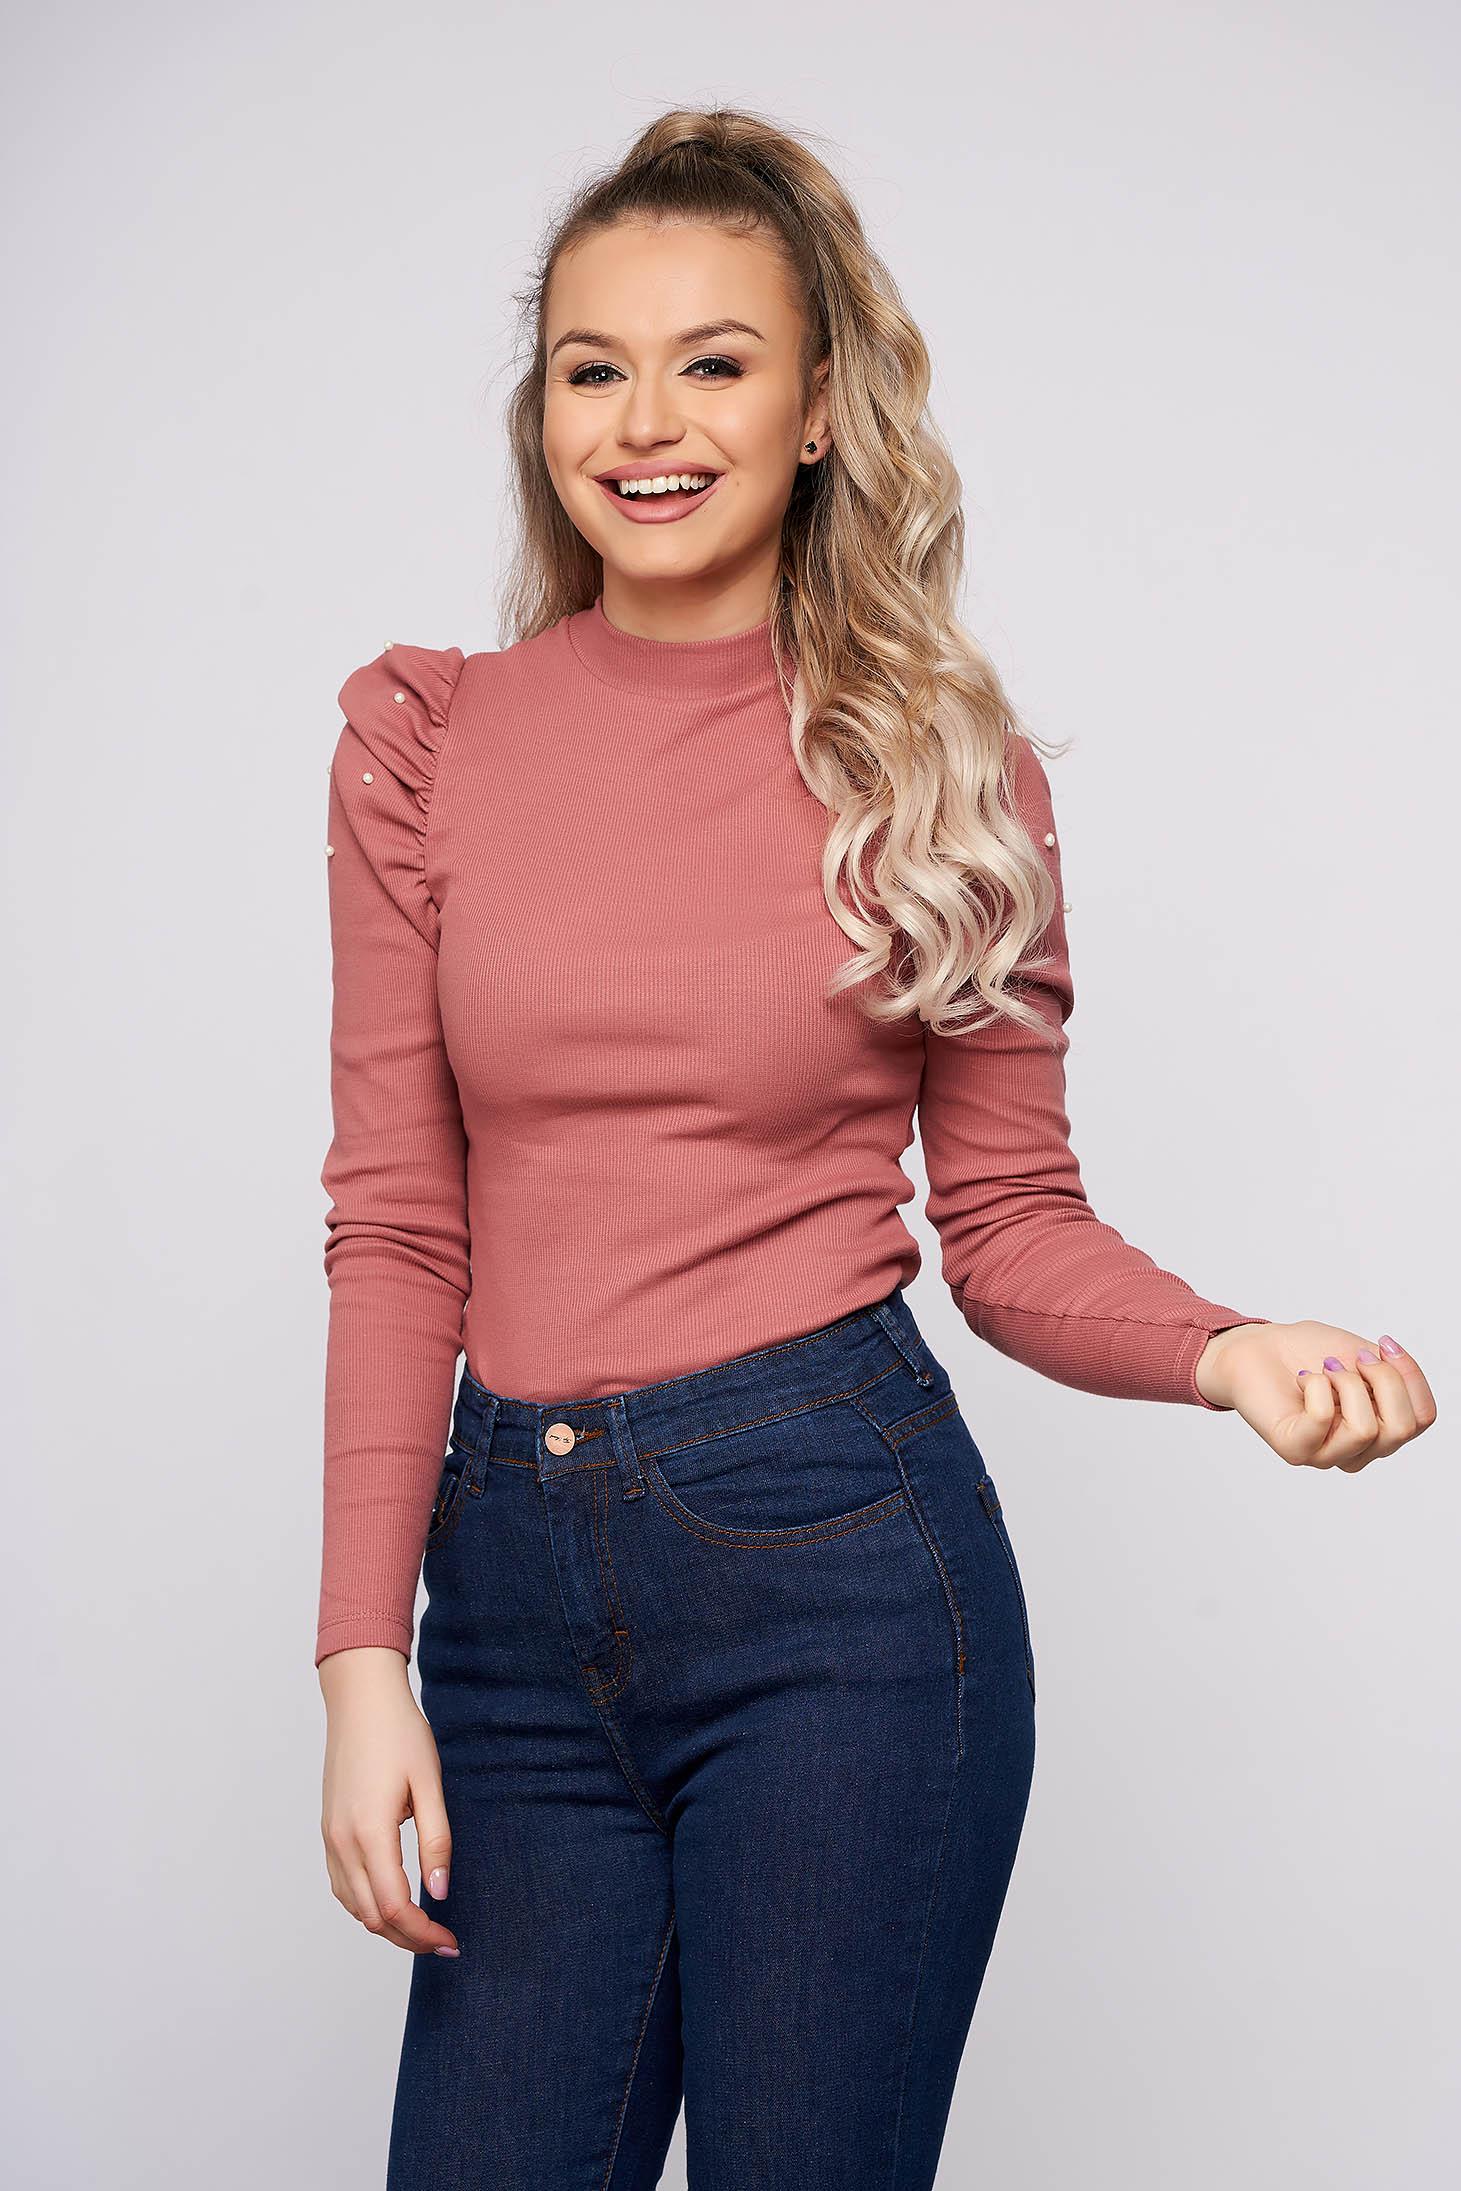 Bluza dama SunShine roz prafuit mulata pe gat din material reiat umeri cu volum